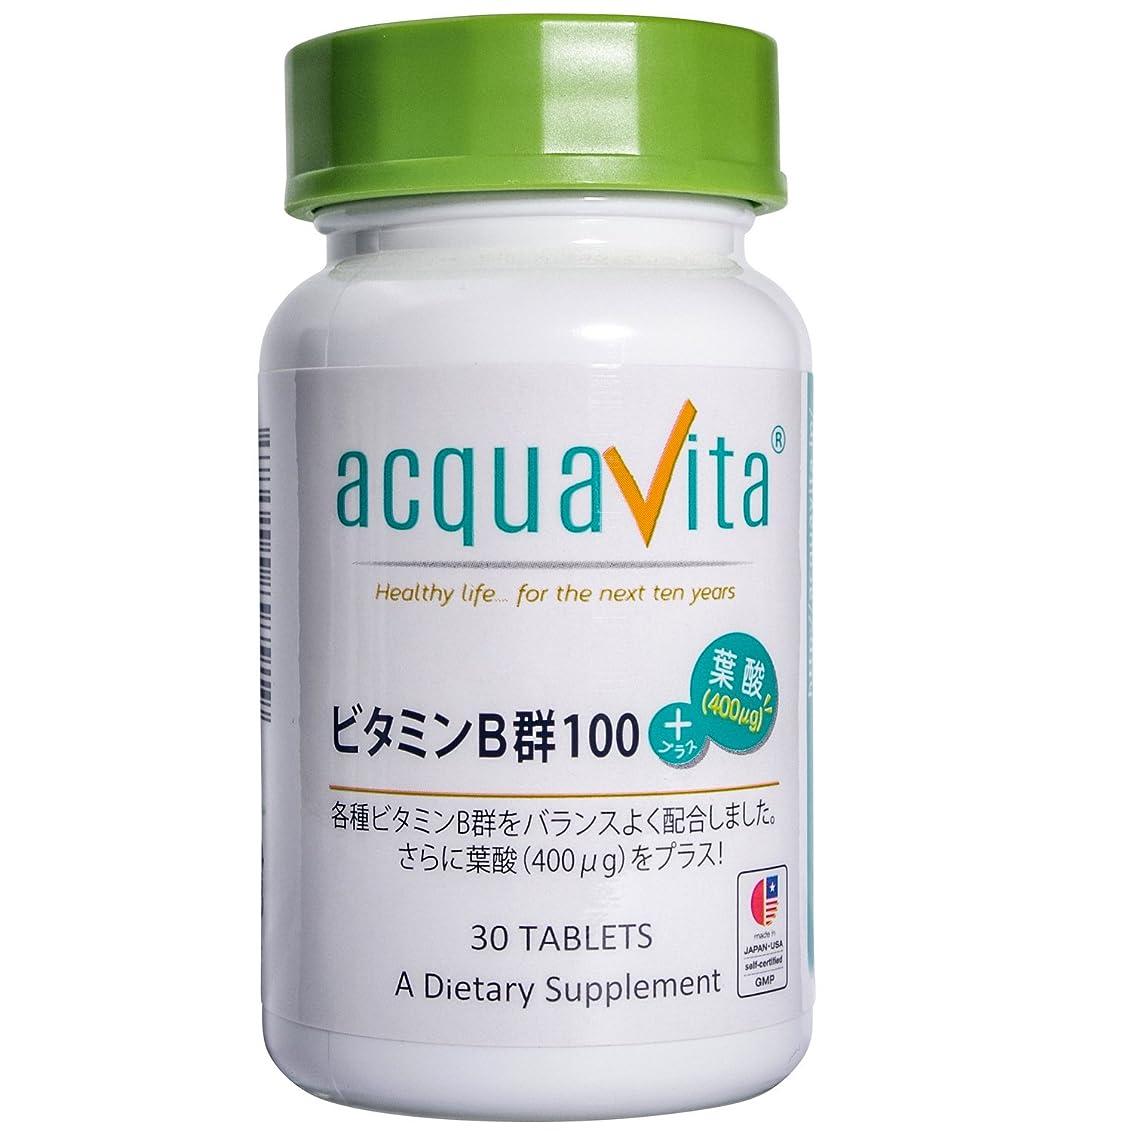 追放するプロフィール崇拝しますacquavita(アクアヴィータ) ビタミンB群100+葉酸(400μg) 30粒